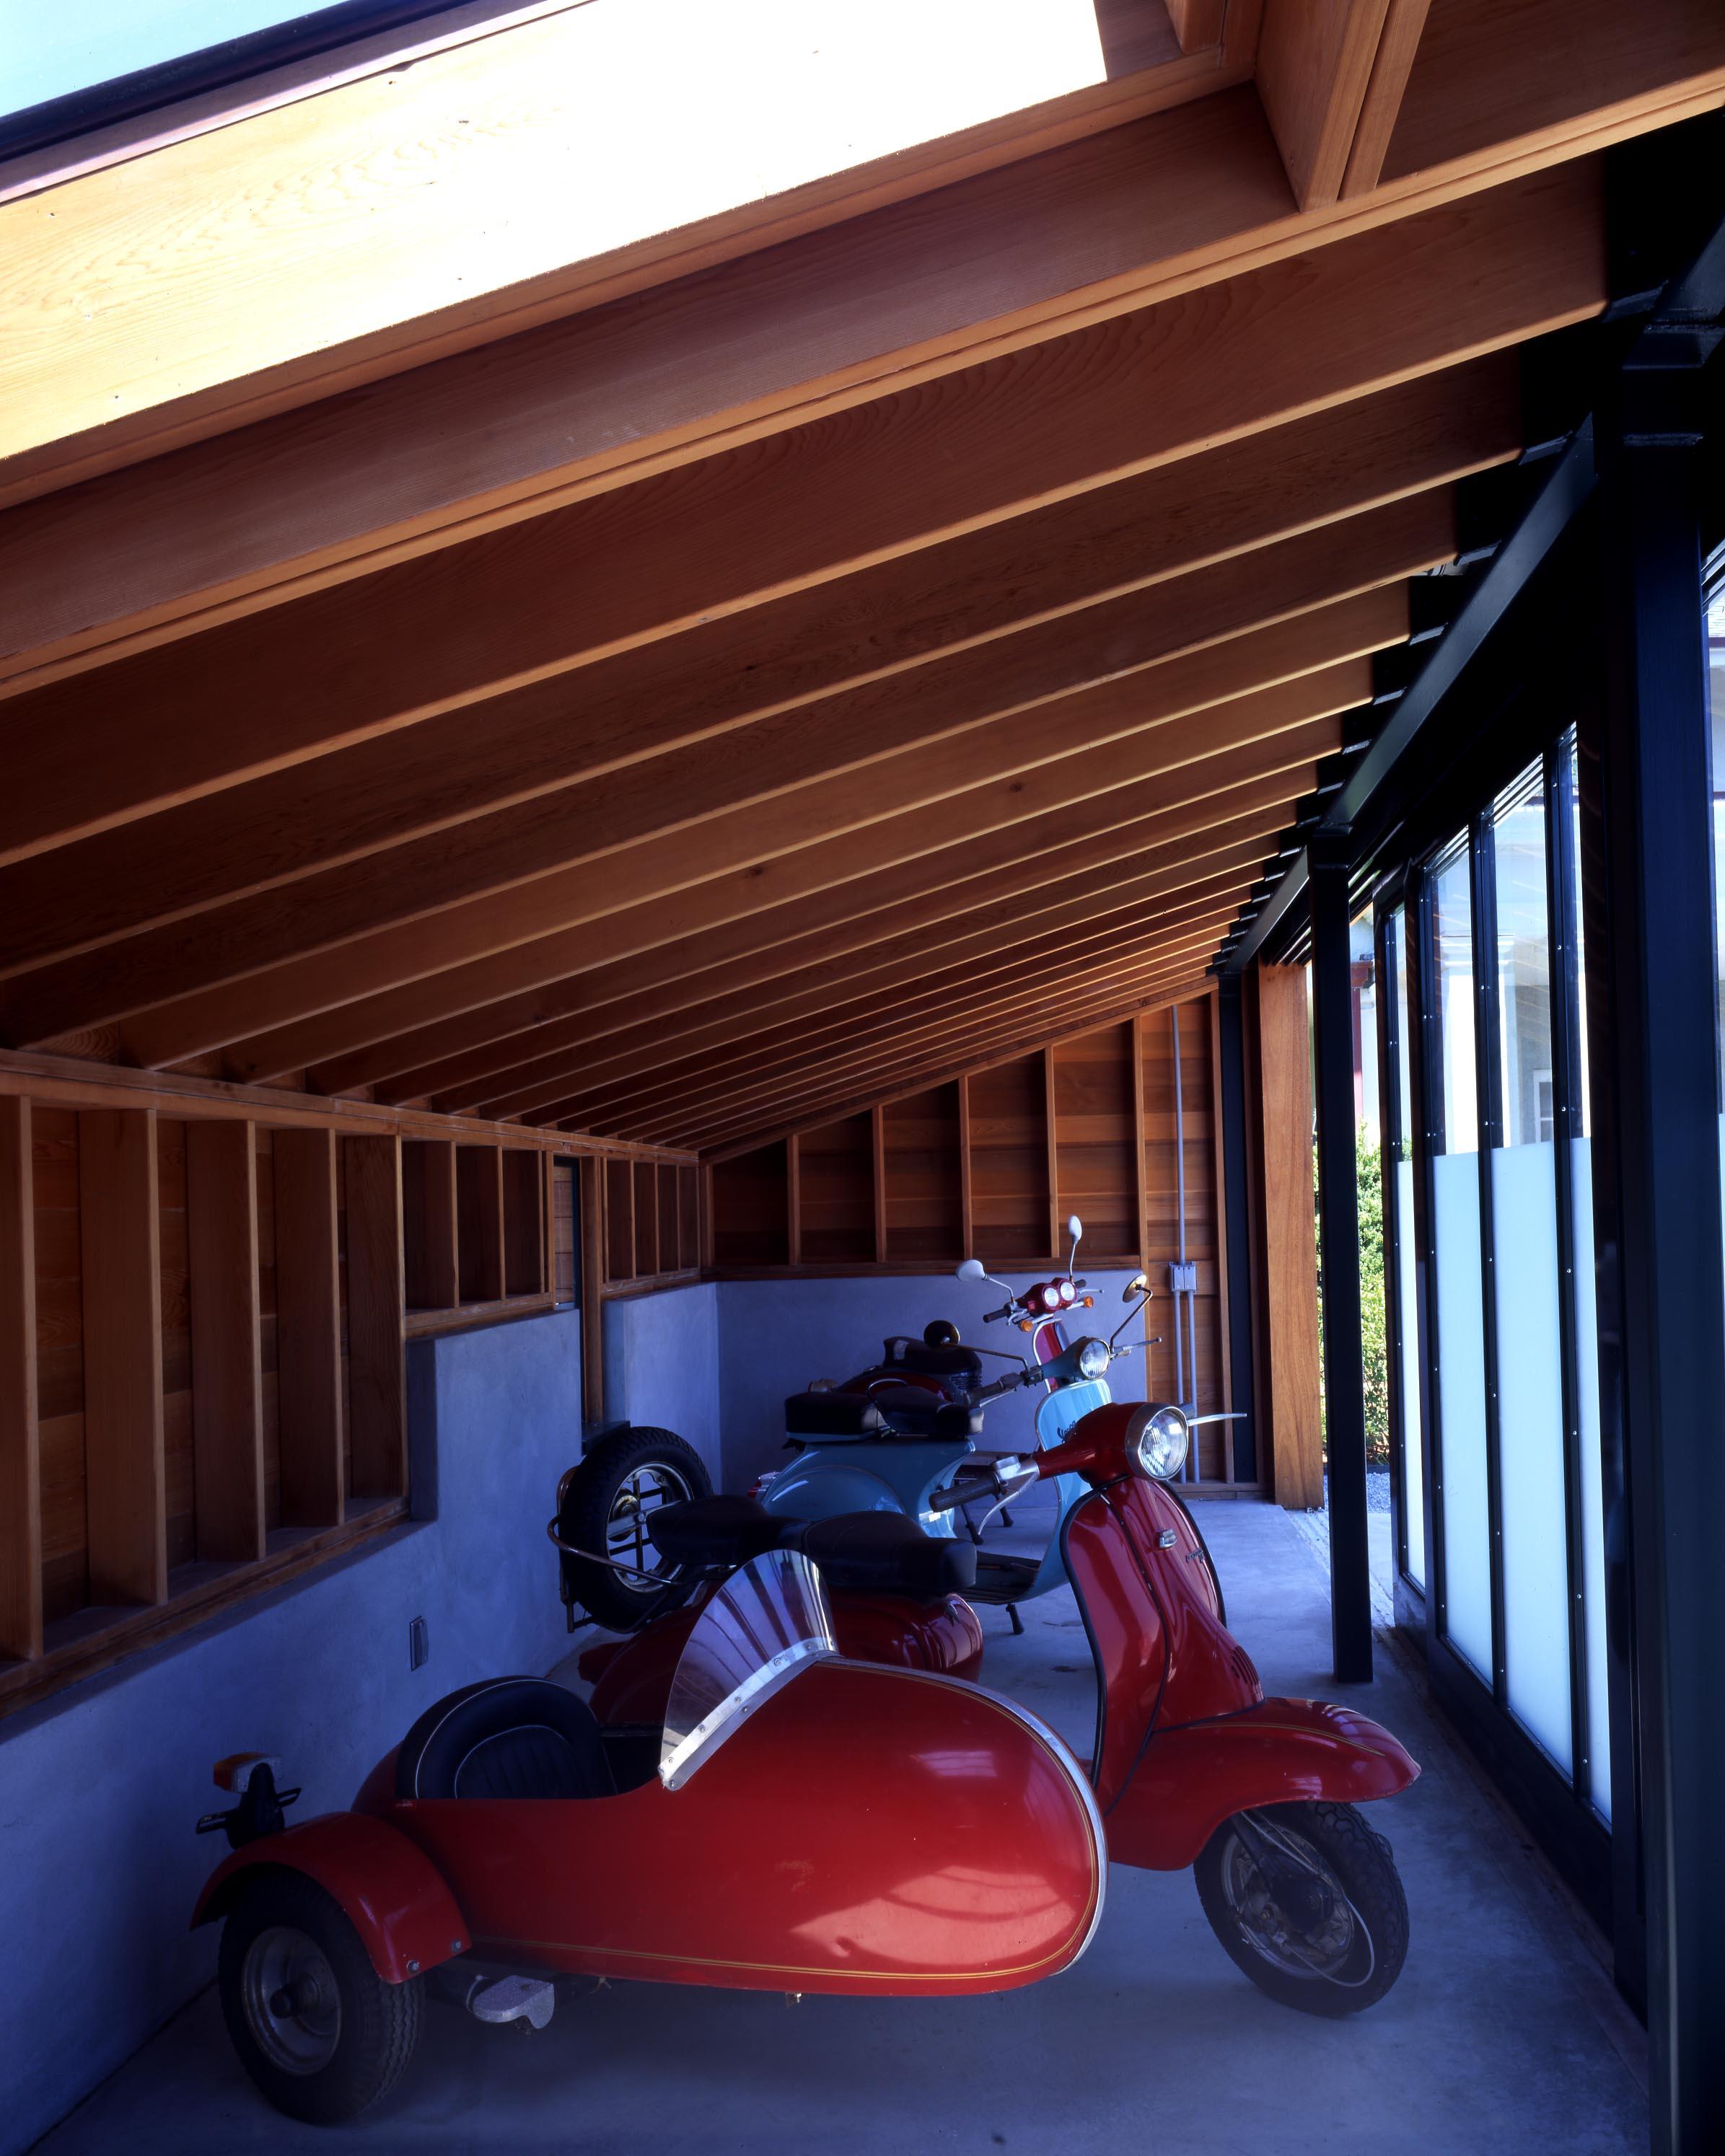 bikeshed_interior.jpg